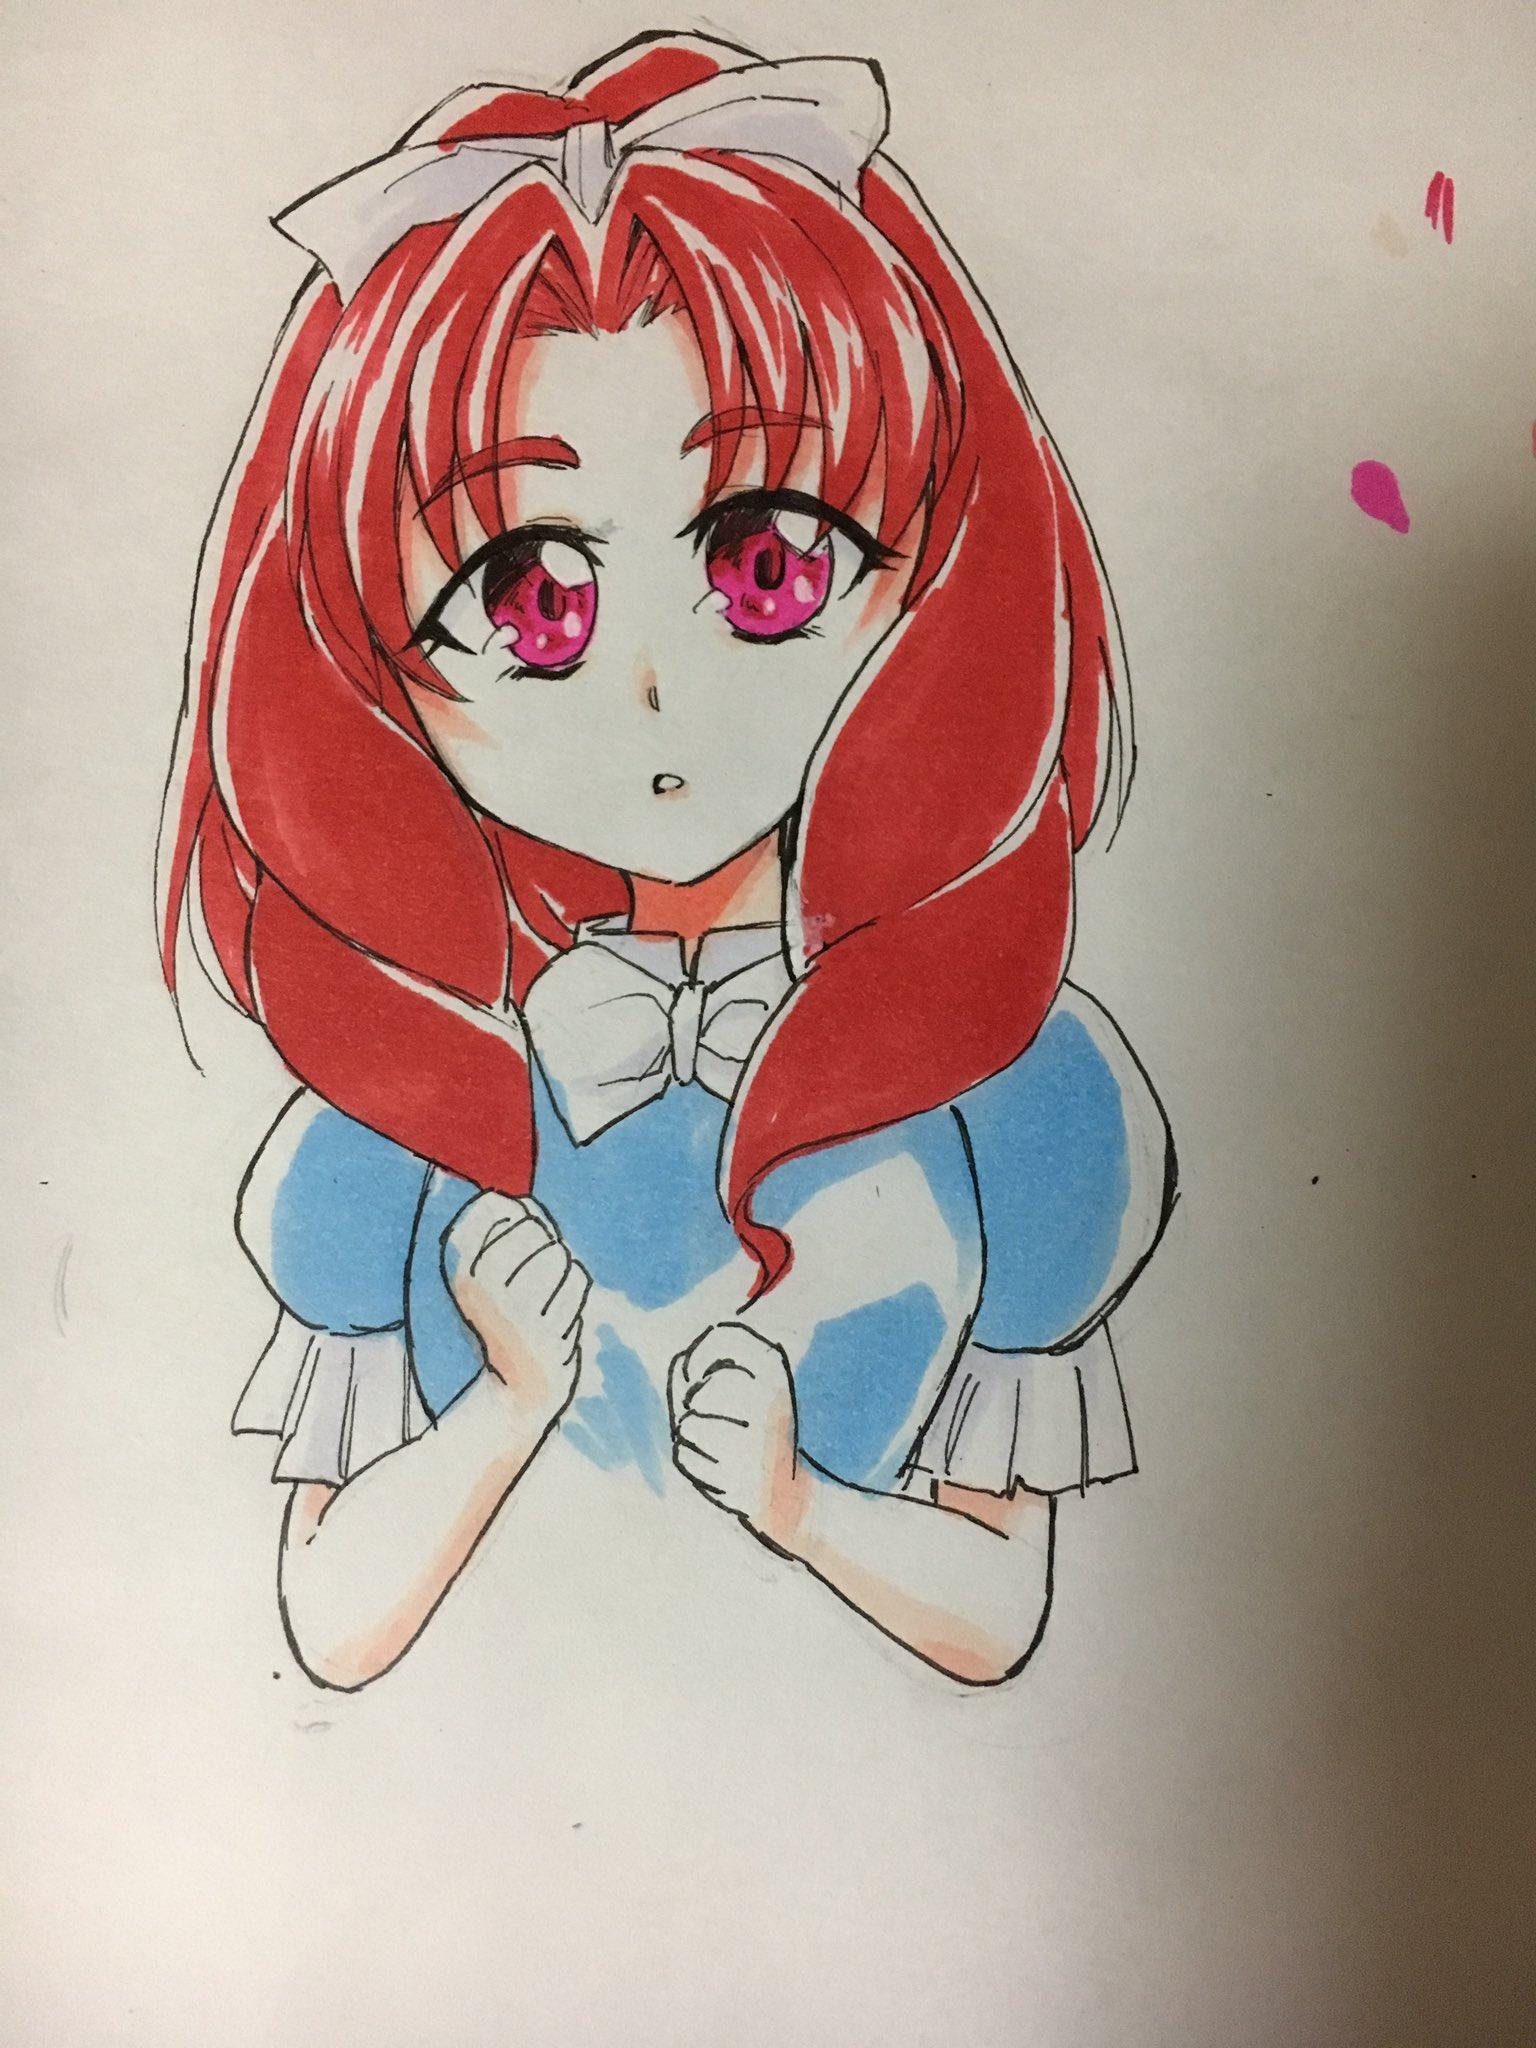 発🌞 (@bankai321)さんのイラスト